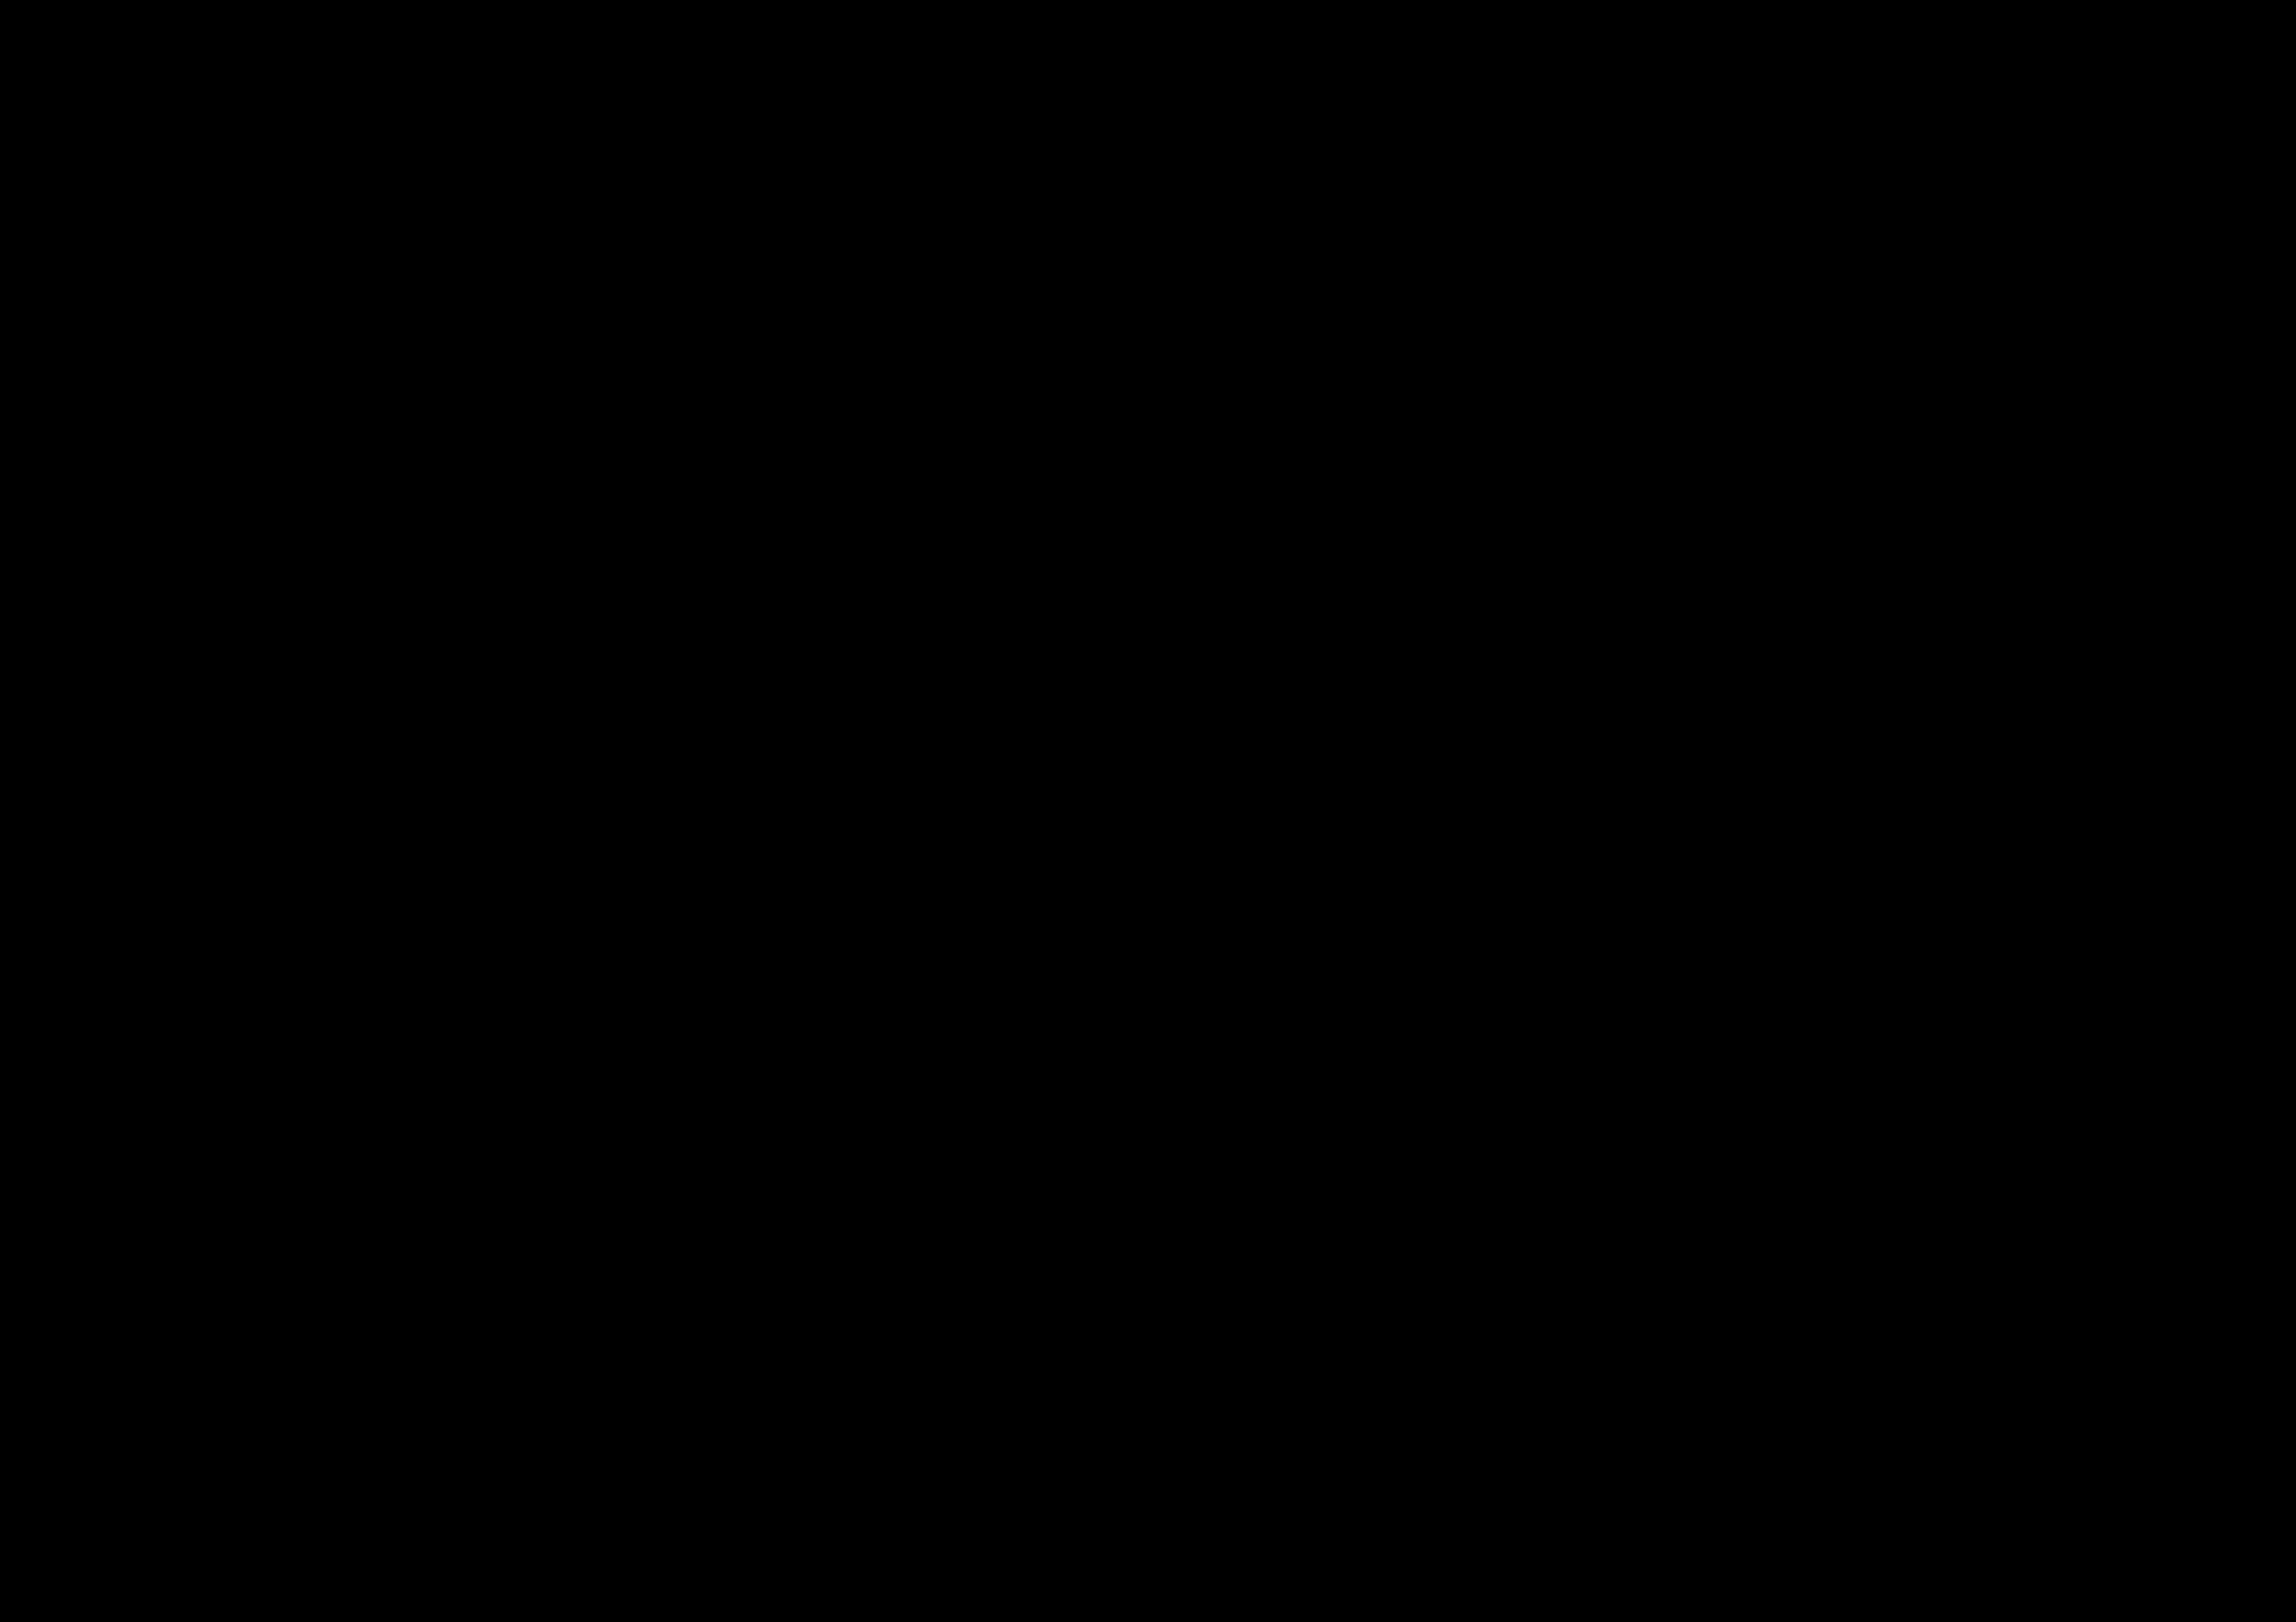 Открытки на день рождения распечатка